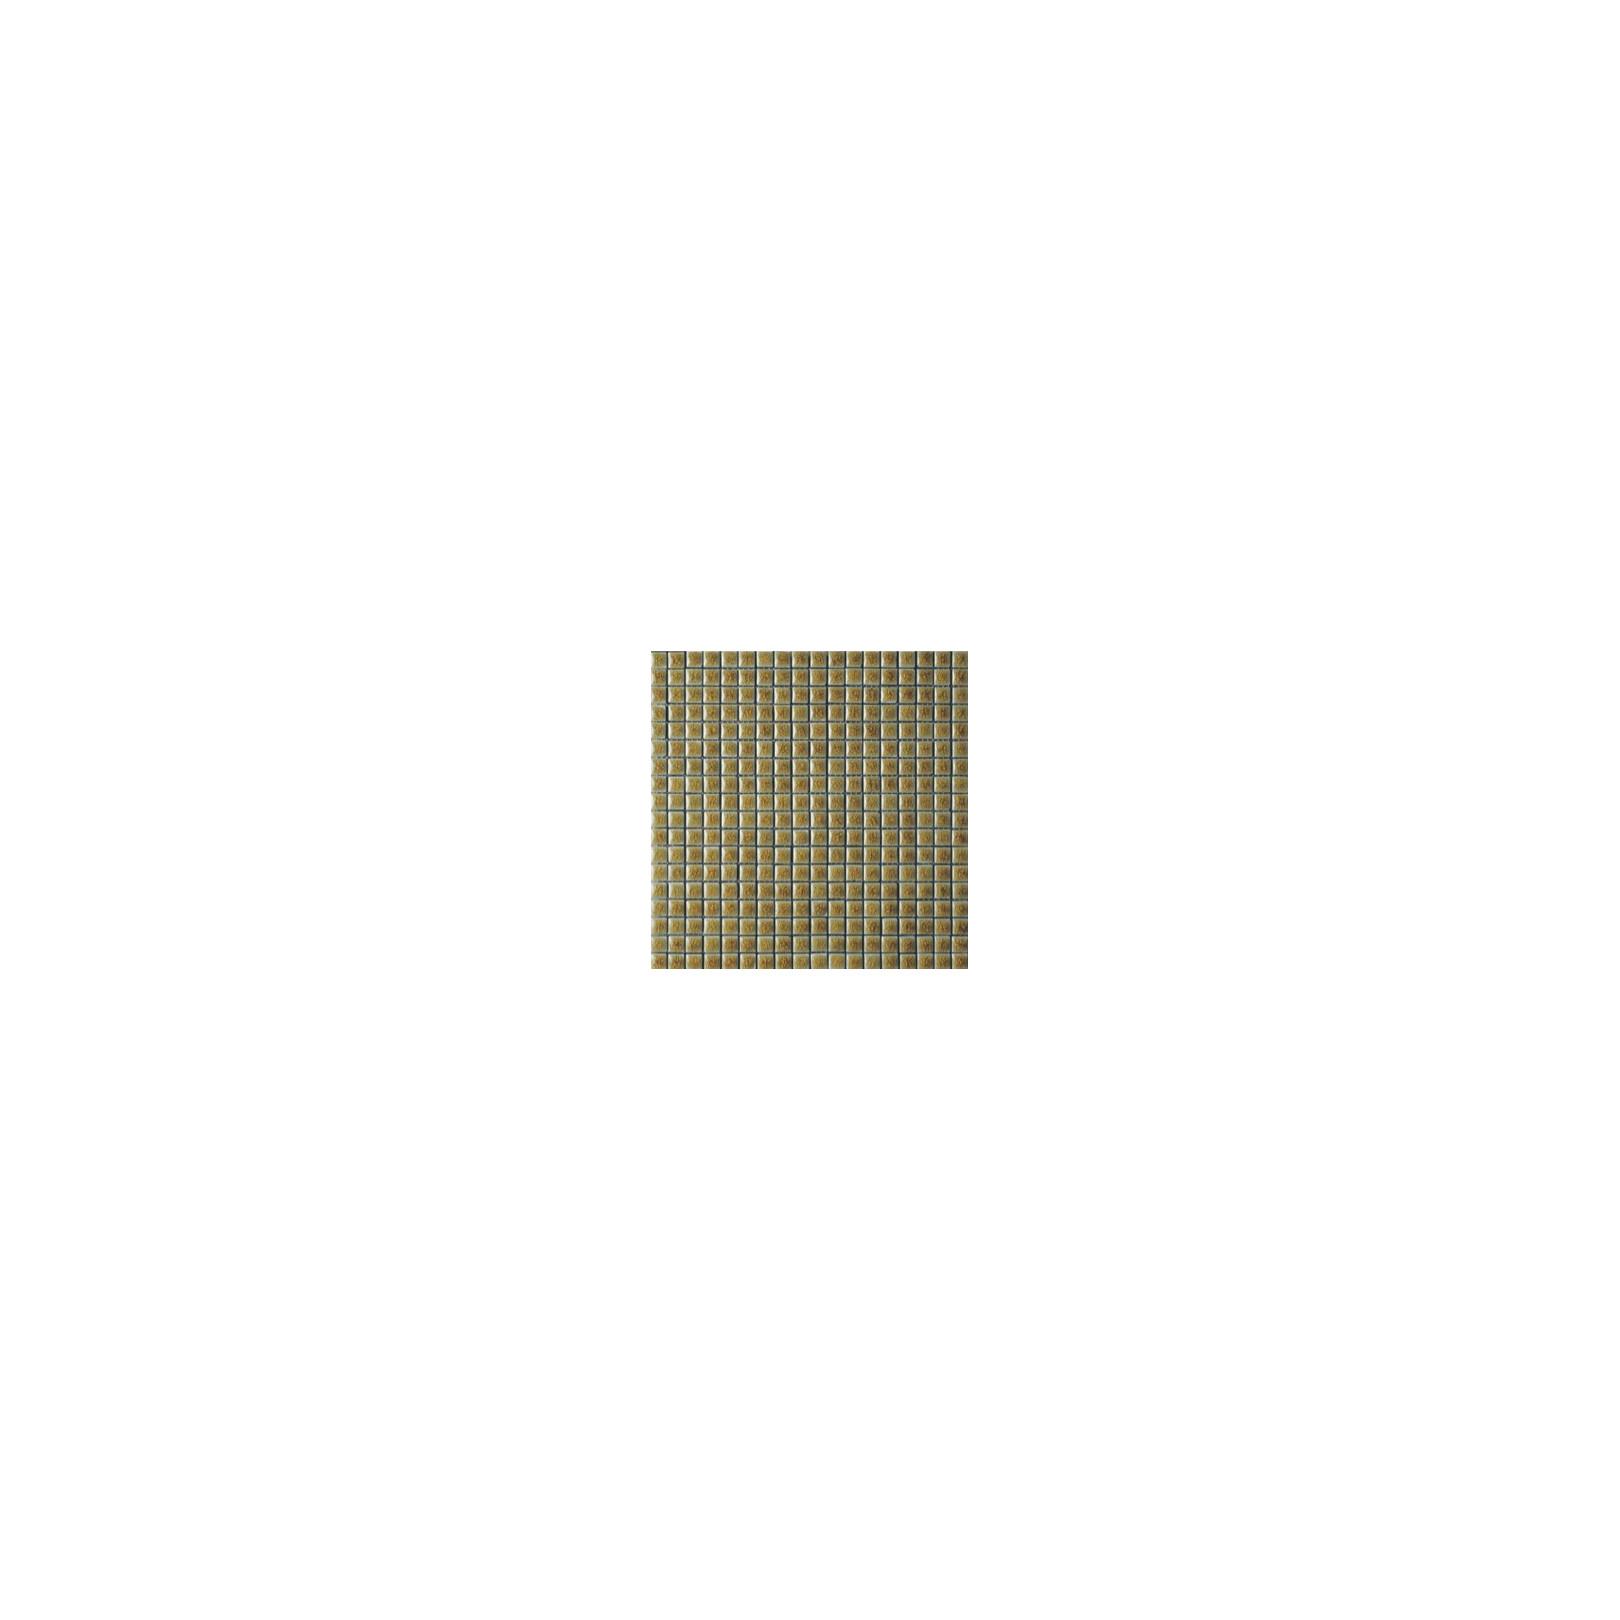 Mosaïque lave émaillée Golden, 1,5x1,5cm sur trame 29,6x29,6cm